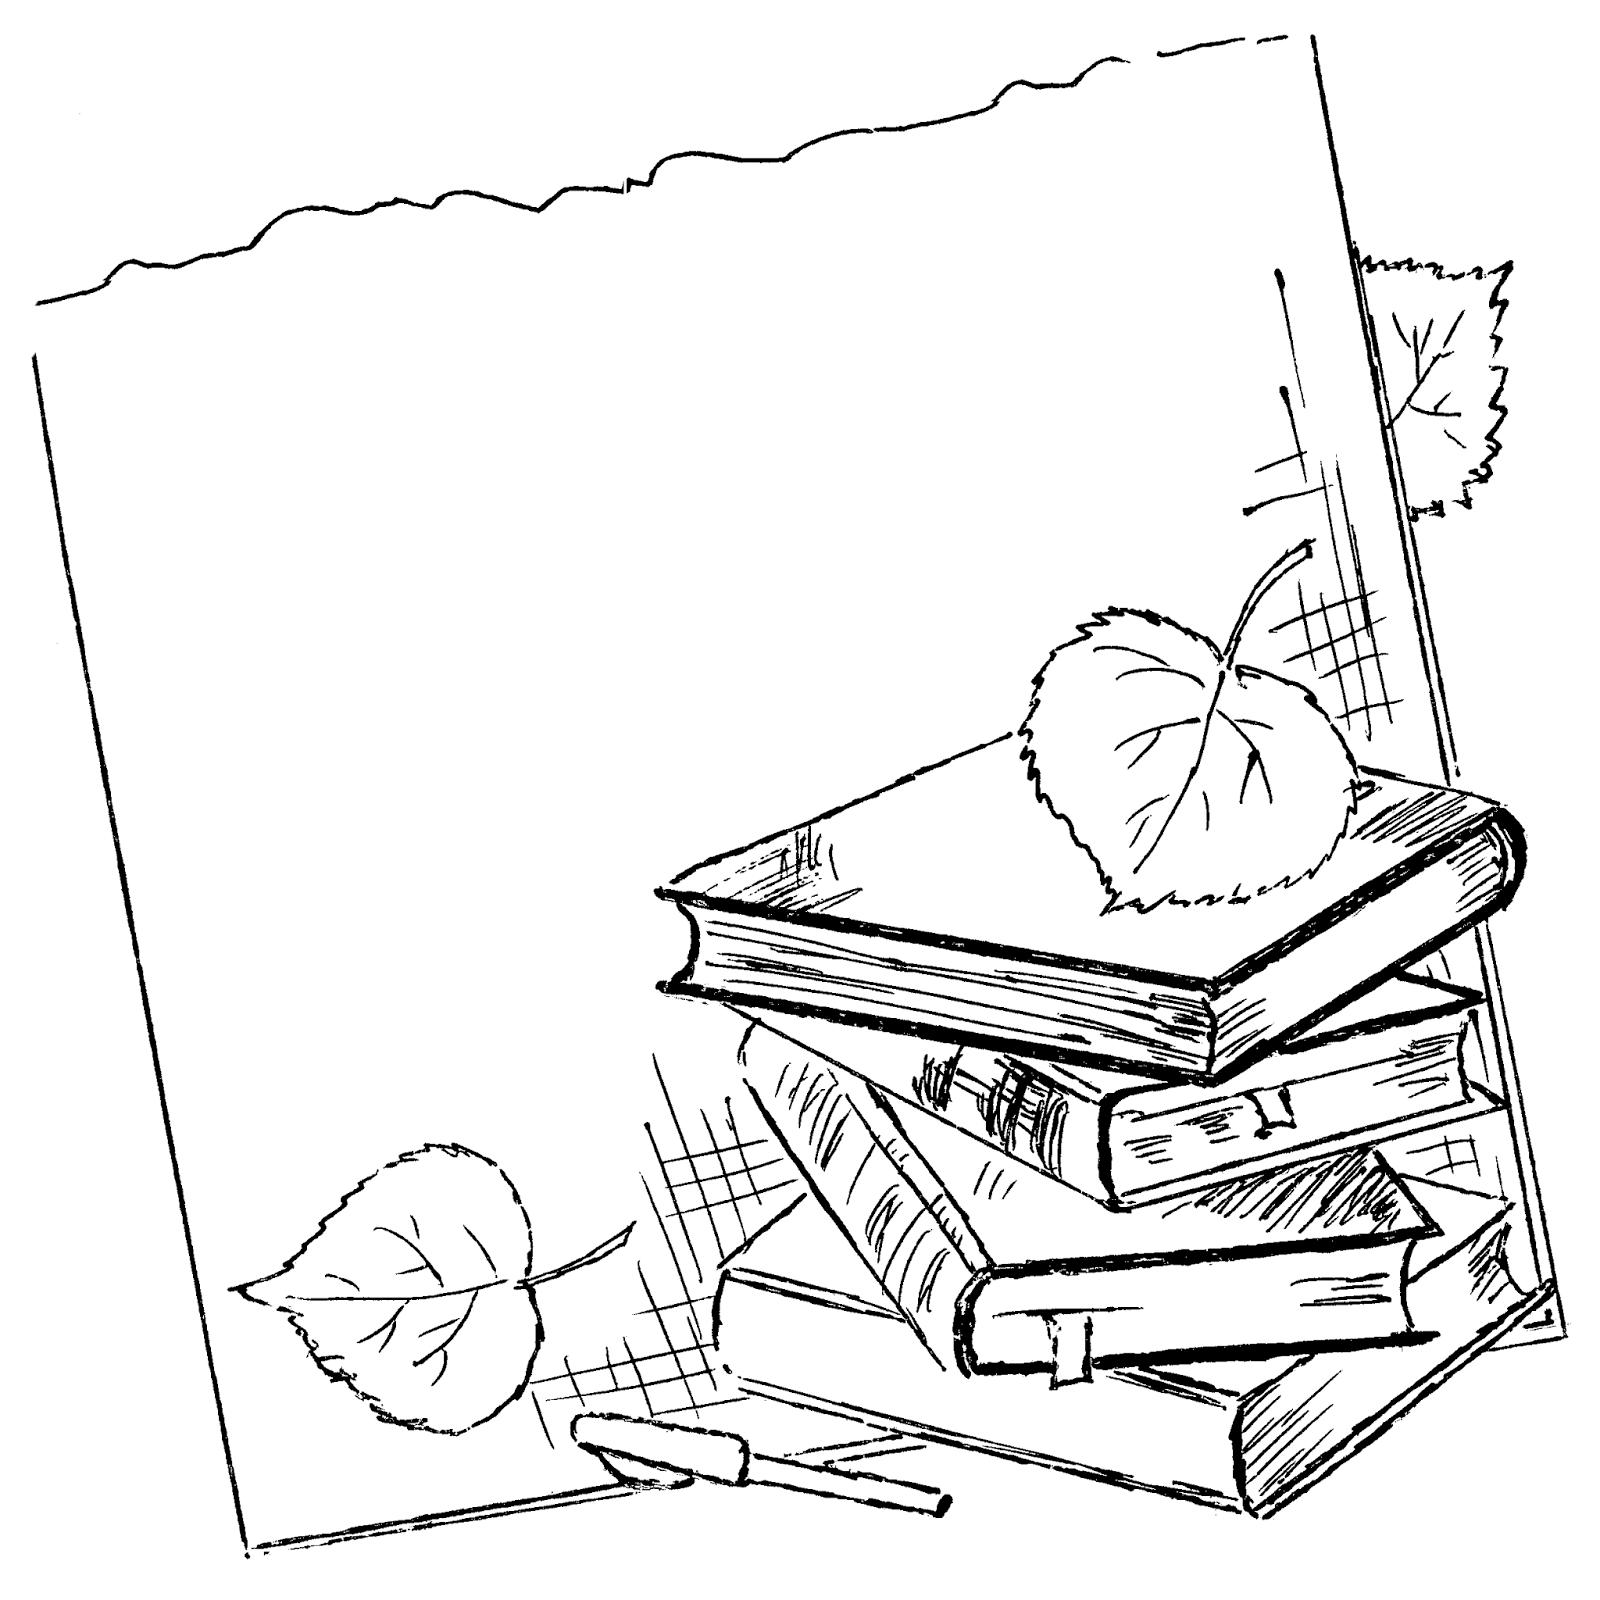 Кленовый лист рисунок на прозрачном фоне тогда